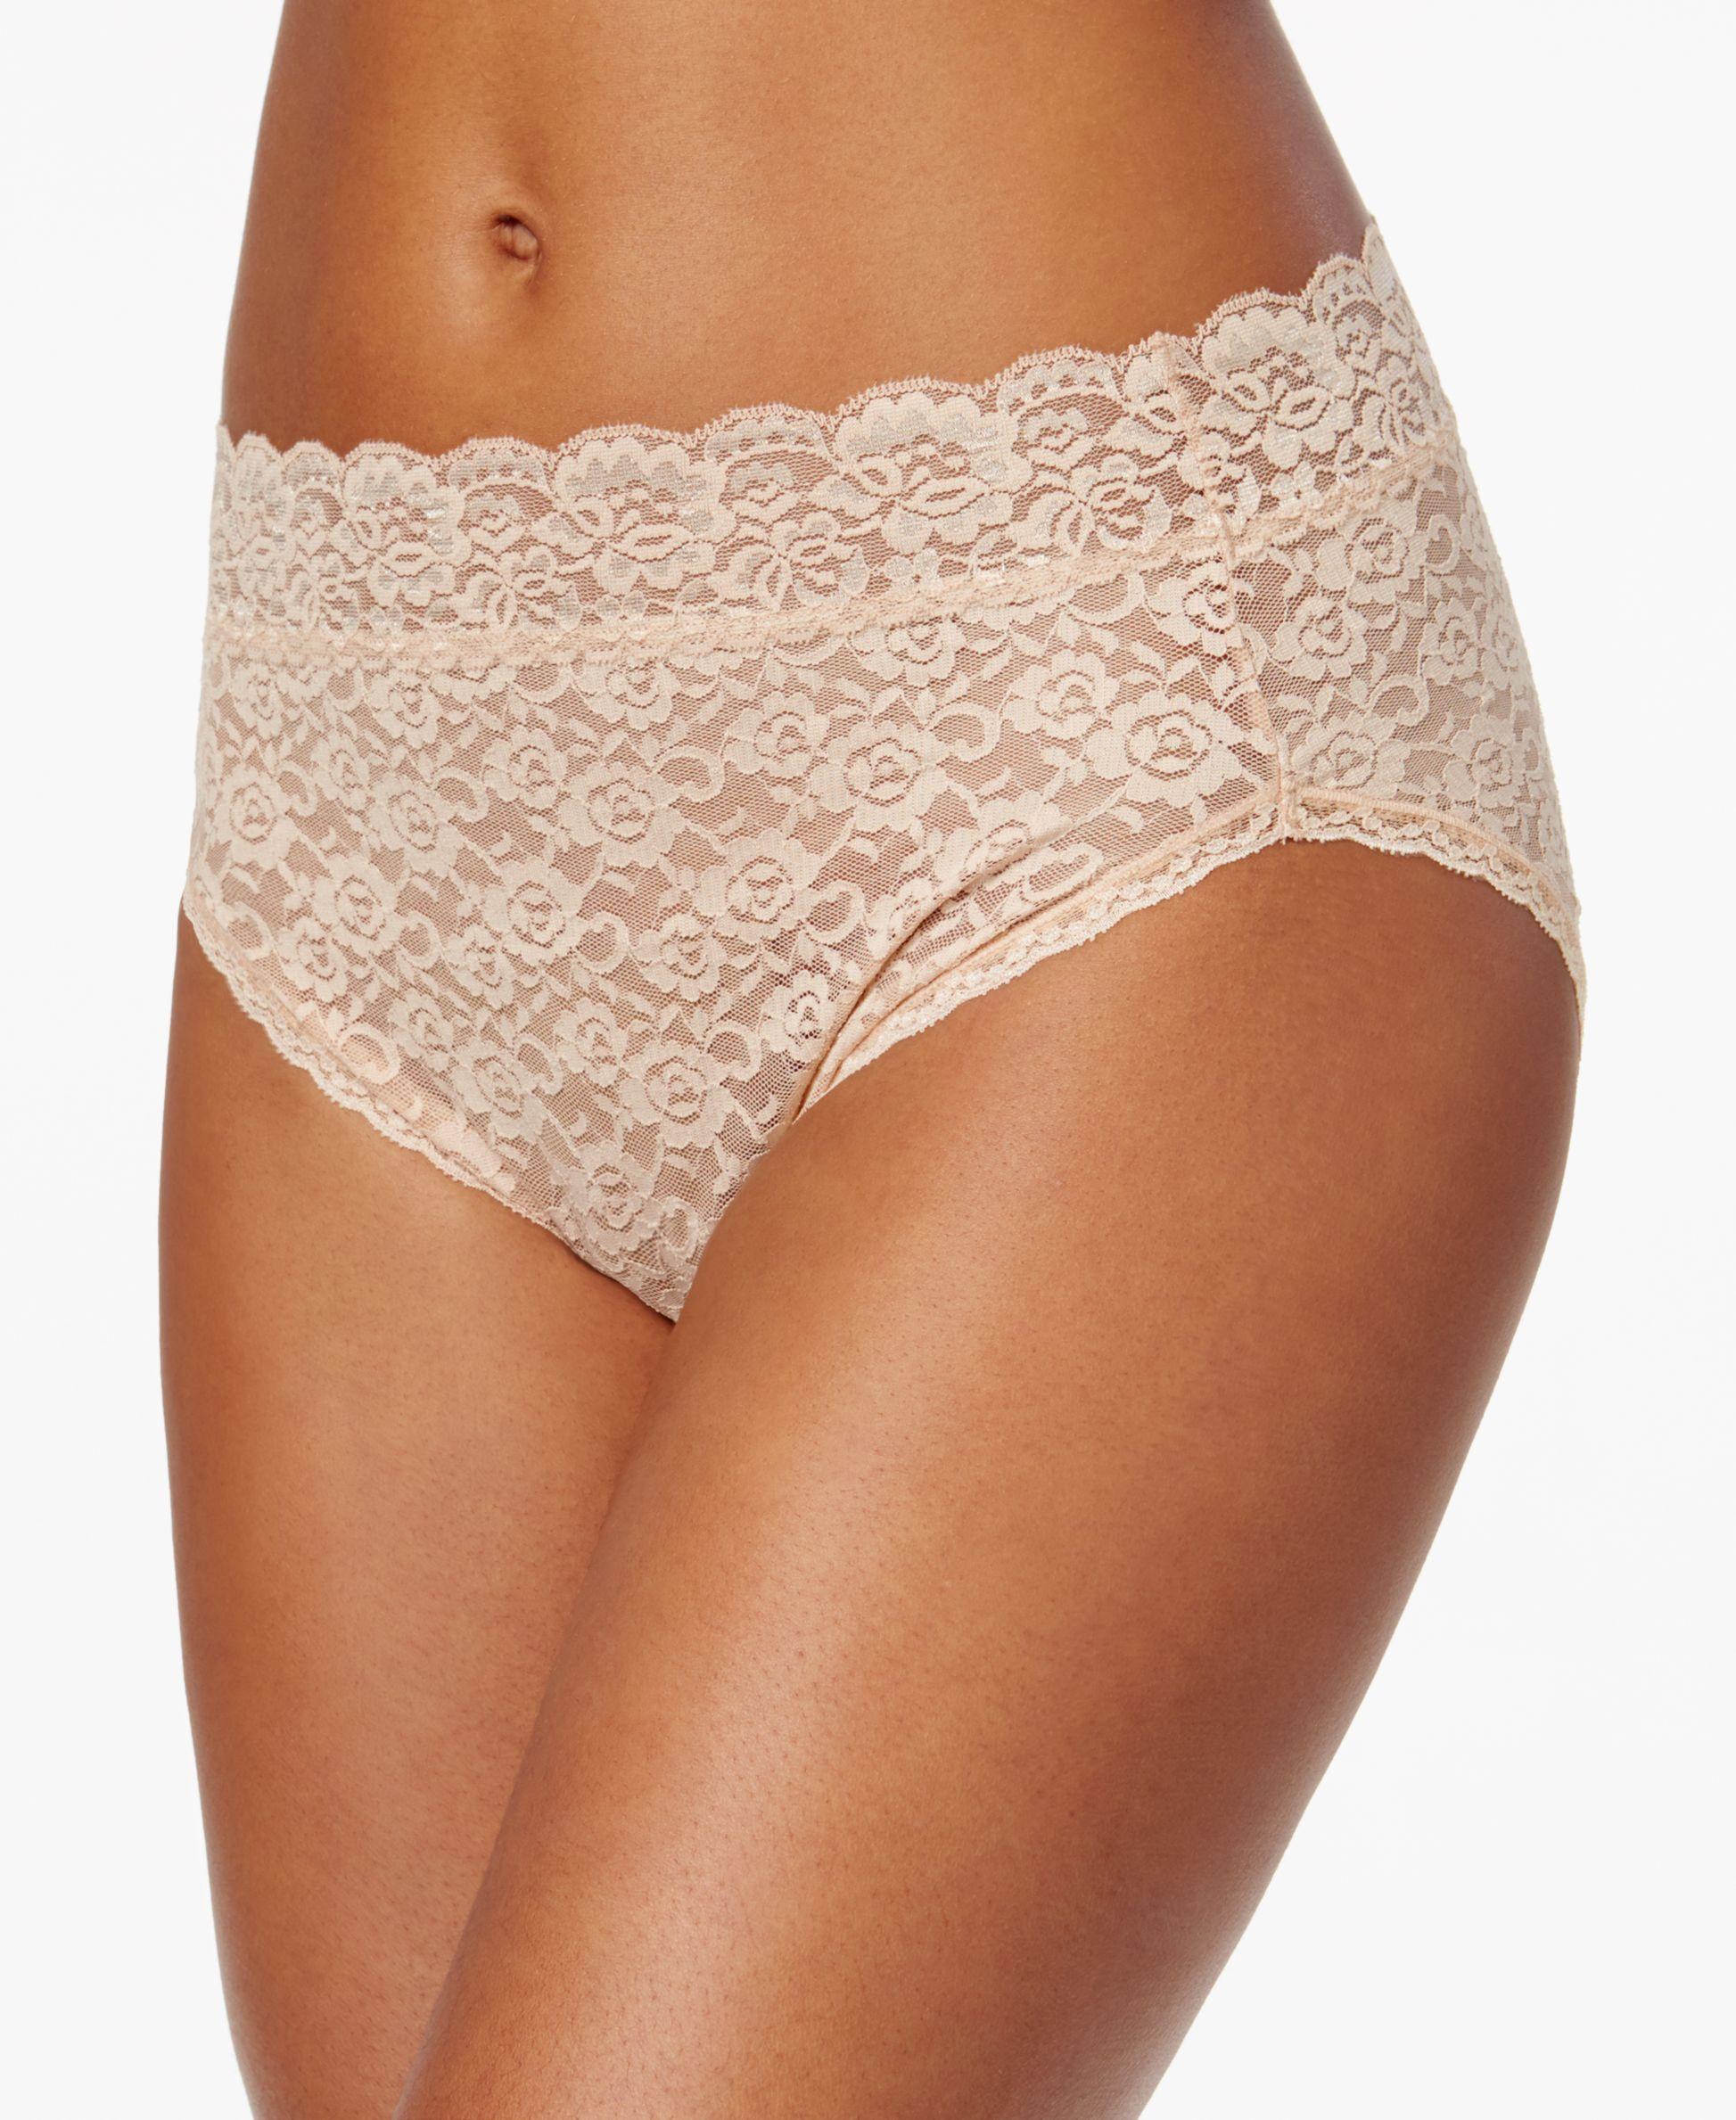 58023f2291b5e Vanity Fair Women s Flattering Lace Hi Cut Panty 13280